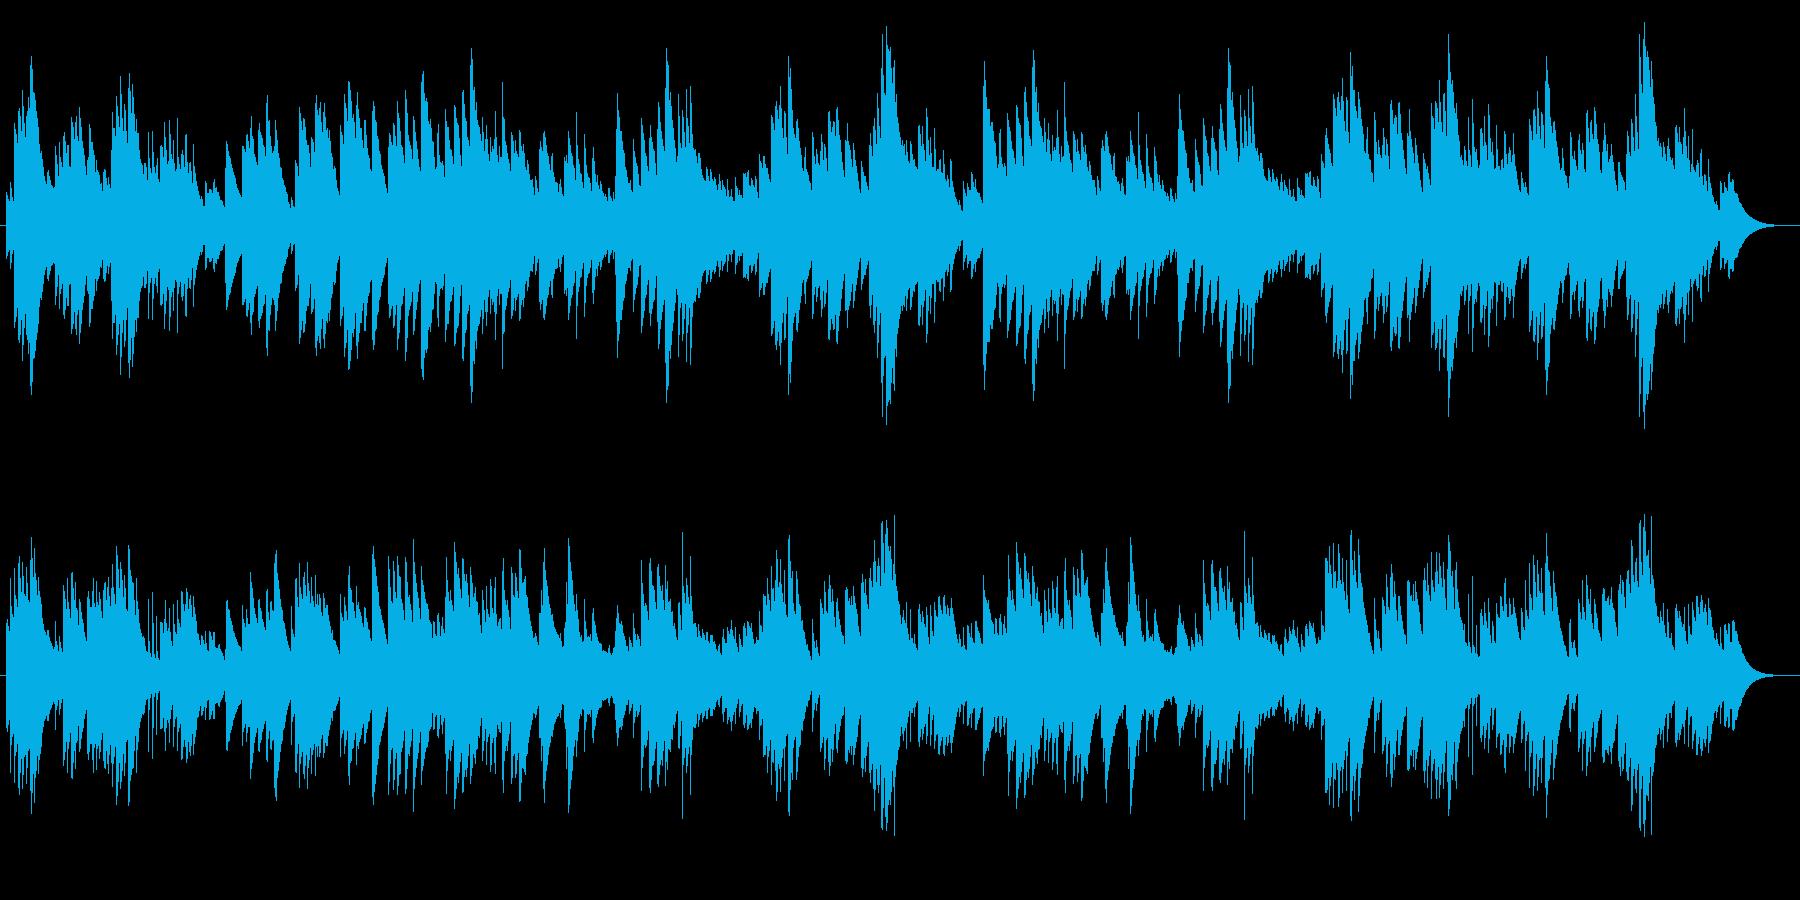 静かなオルゴールの音色が特徴のポップスの再生済みの波形